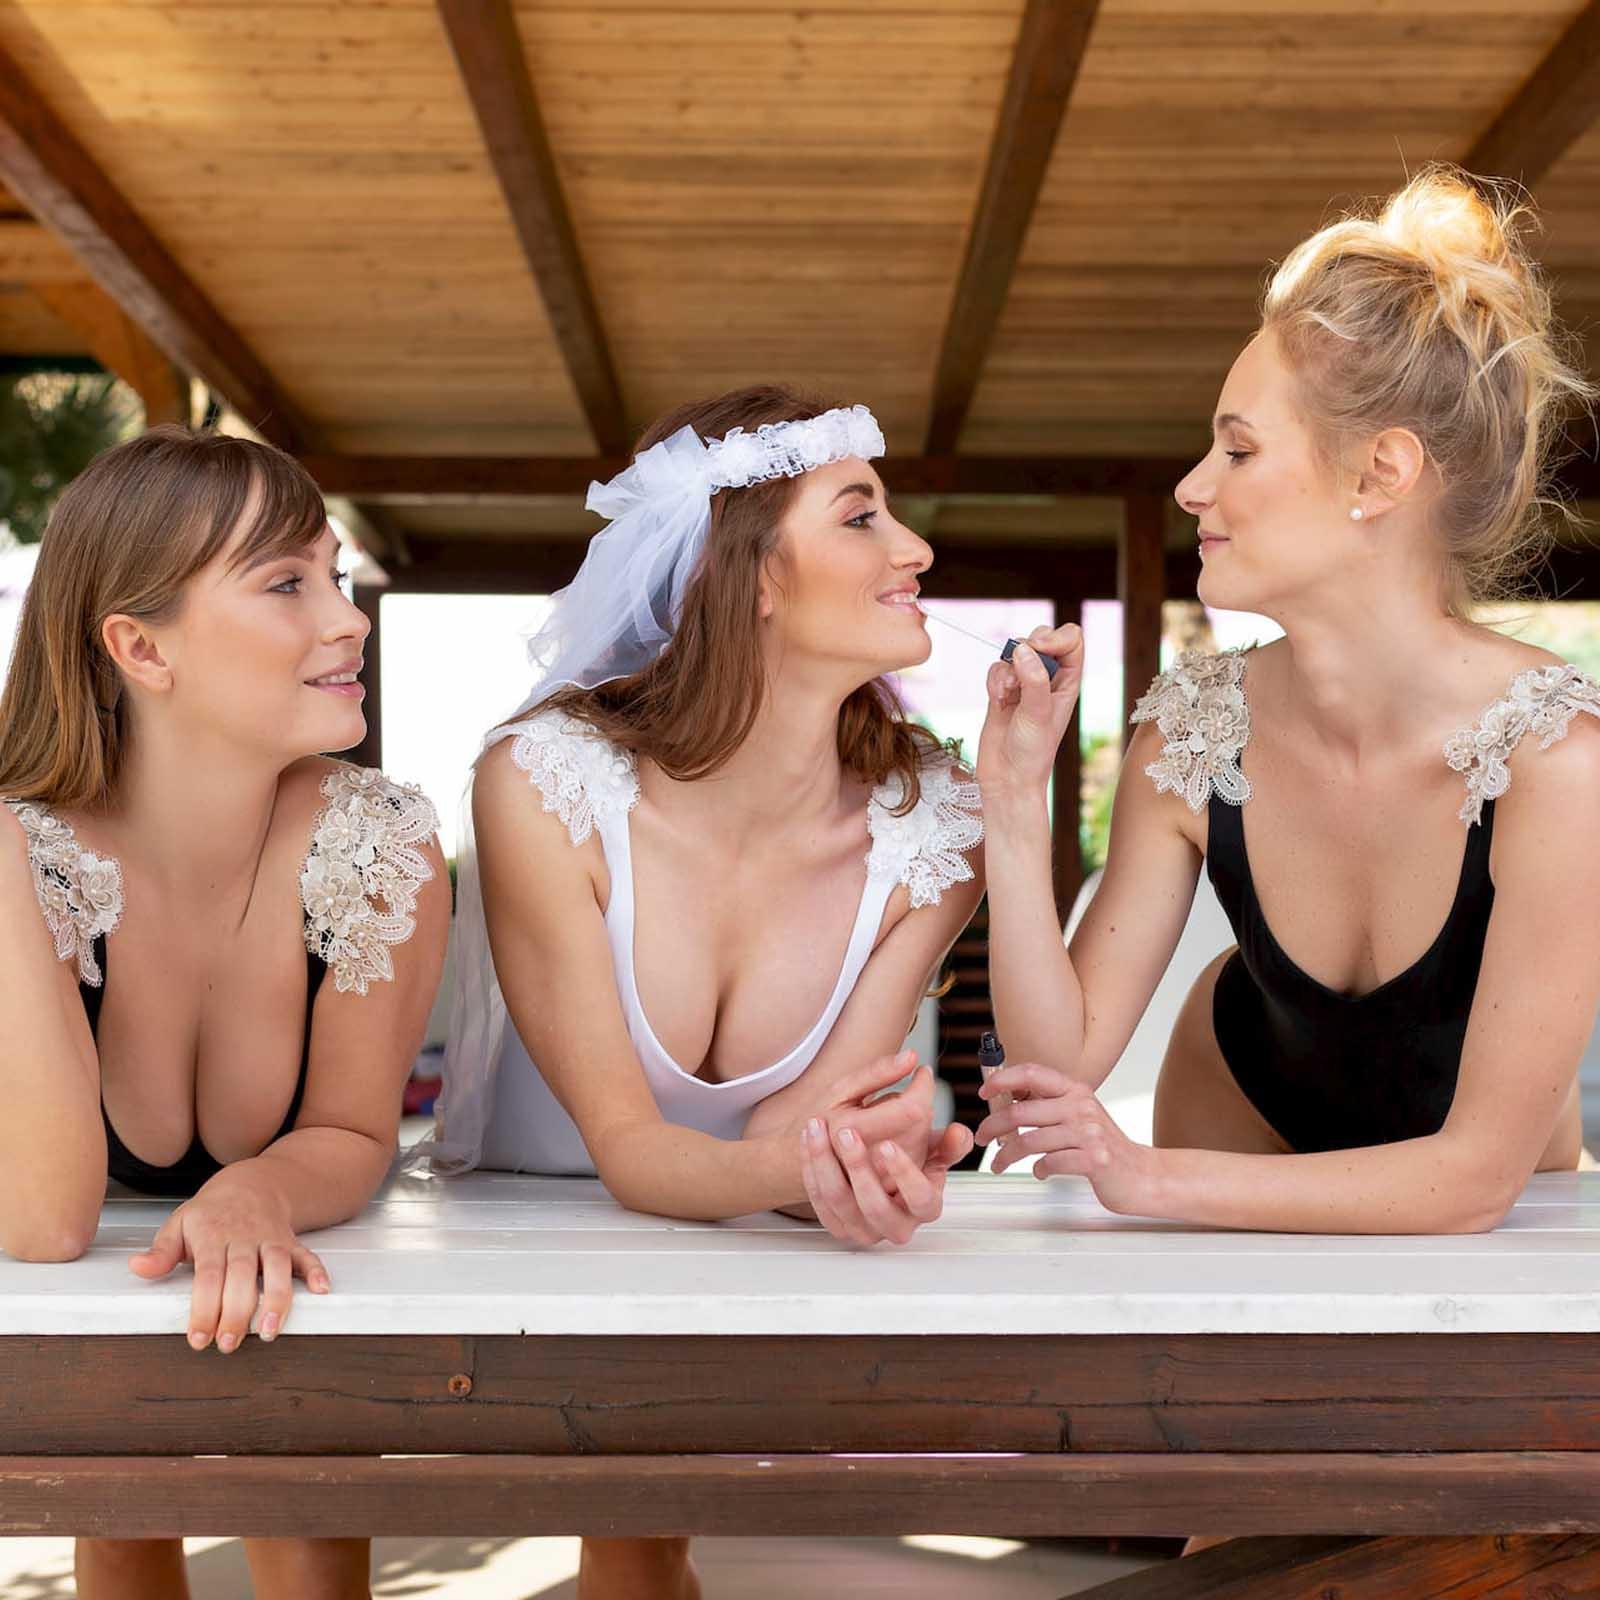 Kinda 3D Swimwear Reina white swimsuit bikini bianco con pizzo with lace addio al nubilato hens party costume matrimonio hen's party regalo sposa amiche